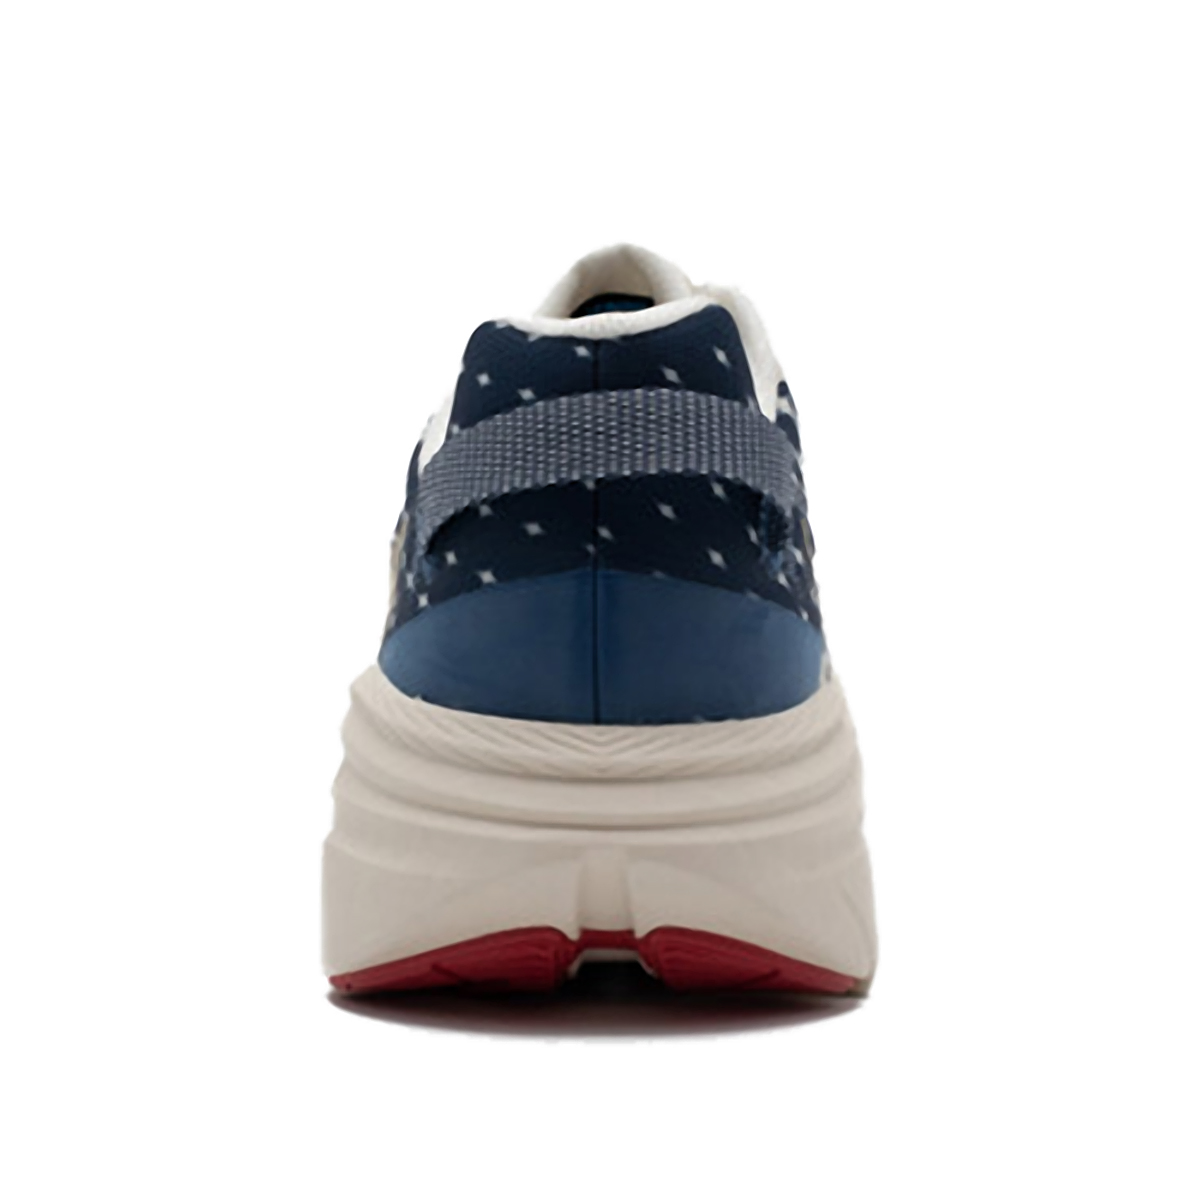 Men's Hoka One One Rincon TK Running Shoe - Color: Vintage Indigo - Size: 7 - Width: Regular, Vintage Indigo, large, image 4